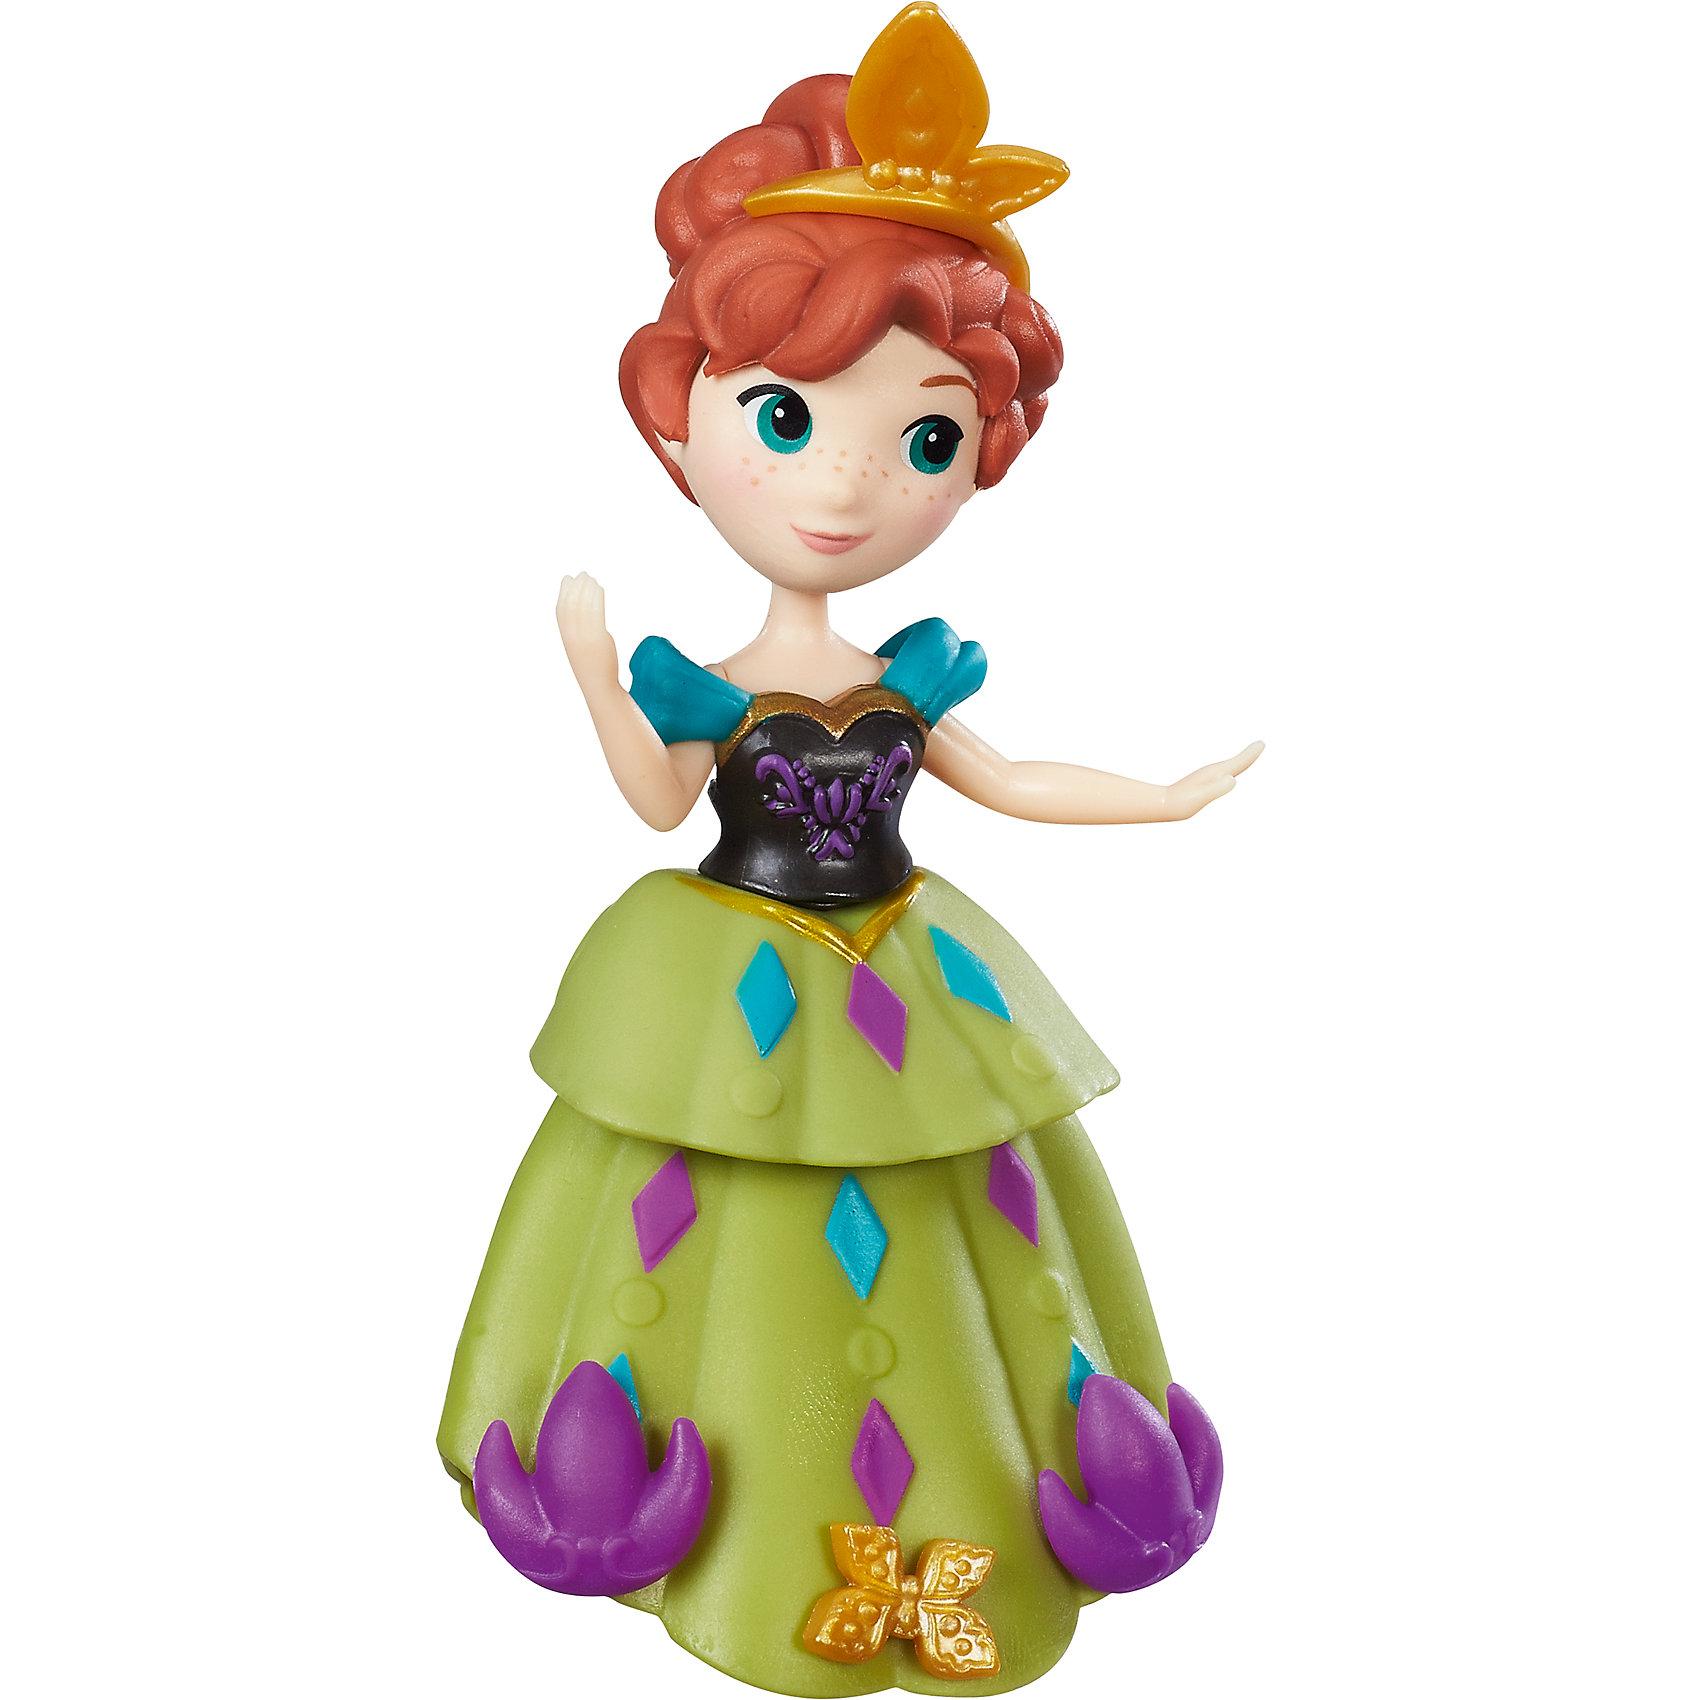 Hasbro Маленькая кукла Холодное сердце, C1096/C1098 сердце вдребезги или месть холодное блюдо